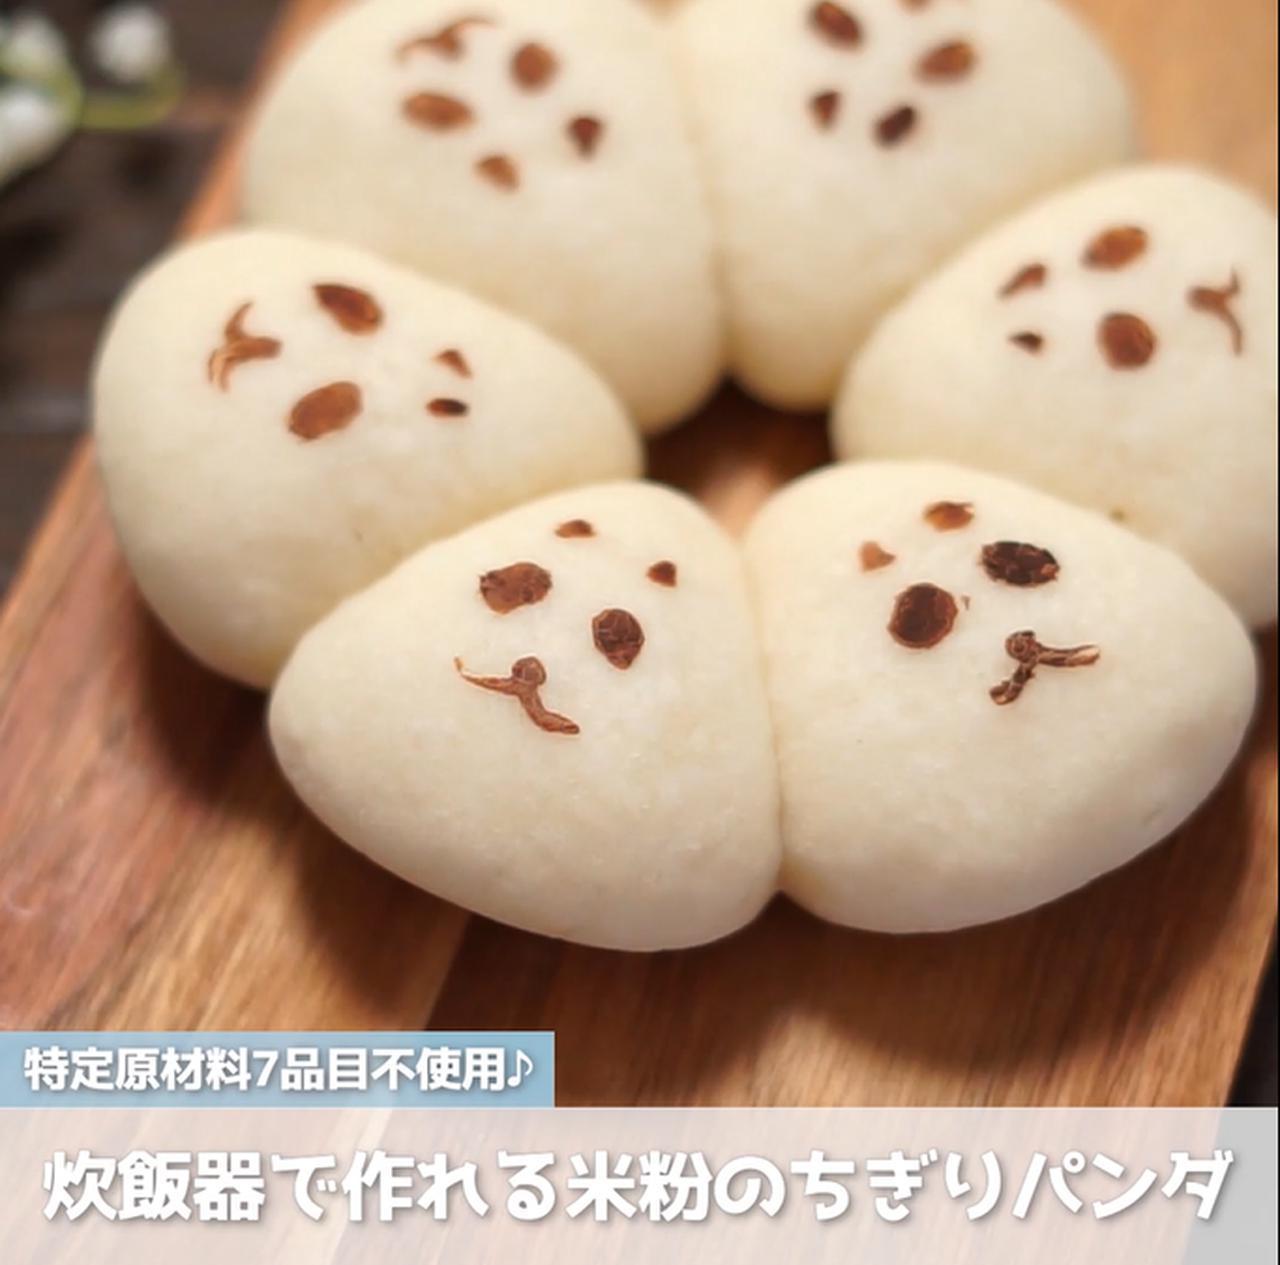 画像: シンプル素材で、オーブン不要‼炊飯器でできる⁉ パンダさんがカワイイ 米粉のちぎりパンダ - 君とごはん